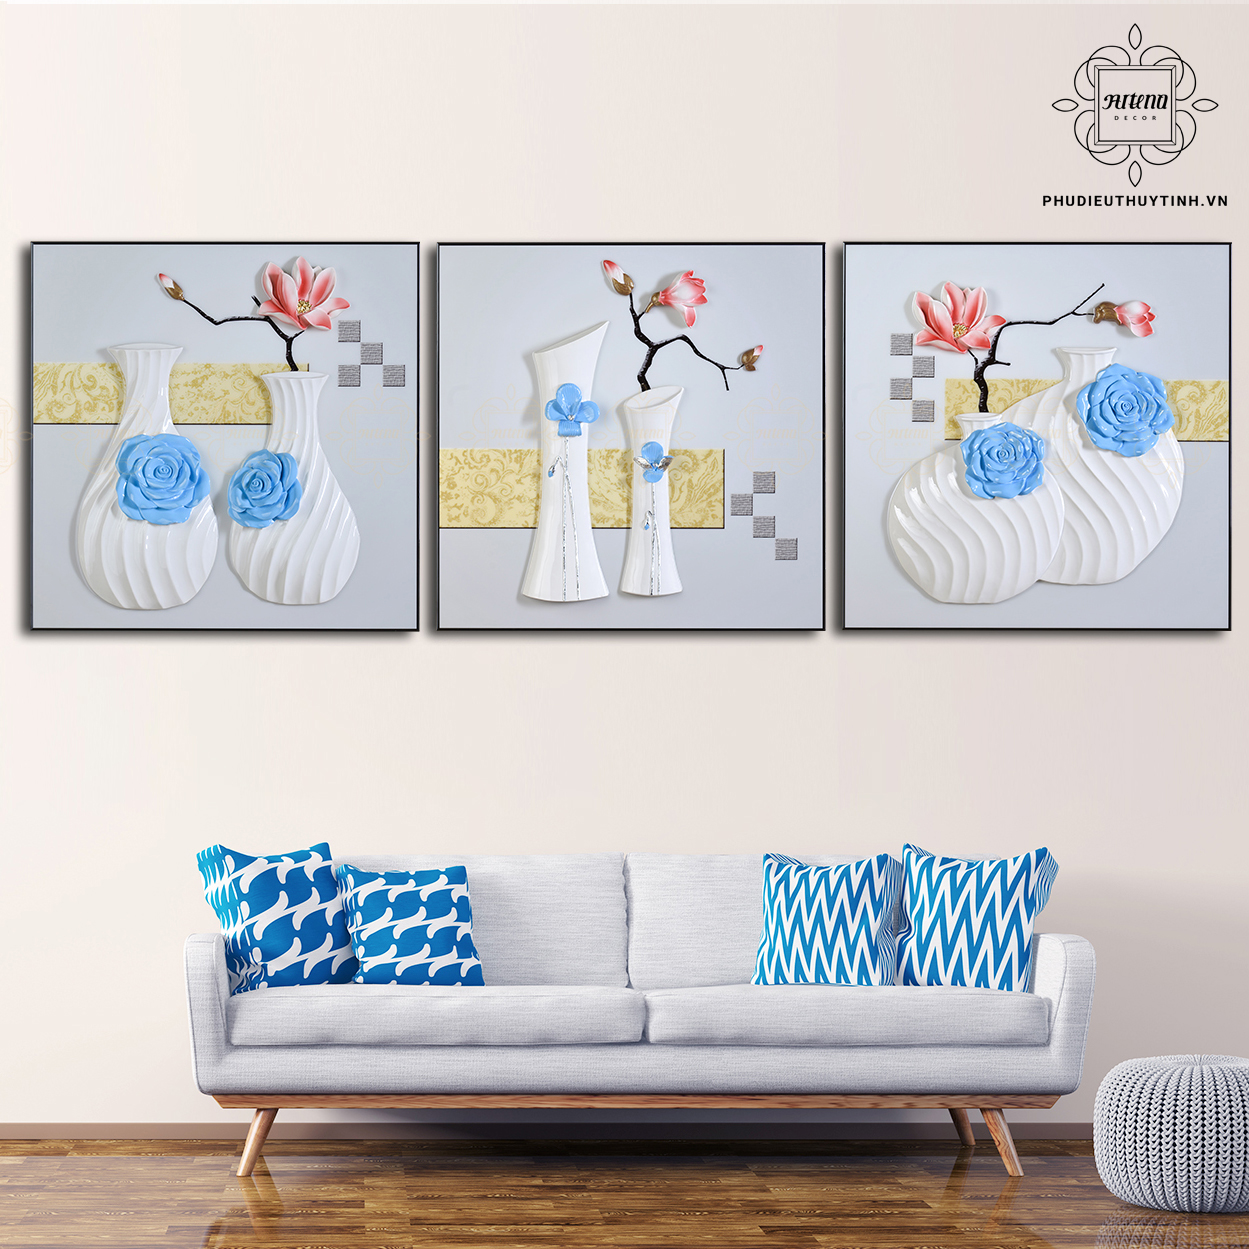 Chọn được những bức tranh treo tường đẹp, ý nghĩa thể hiện sự tinh tế của bạn